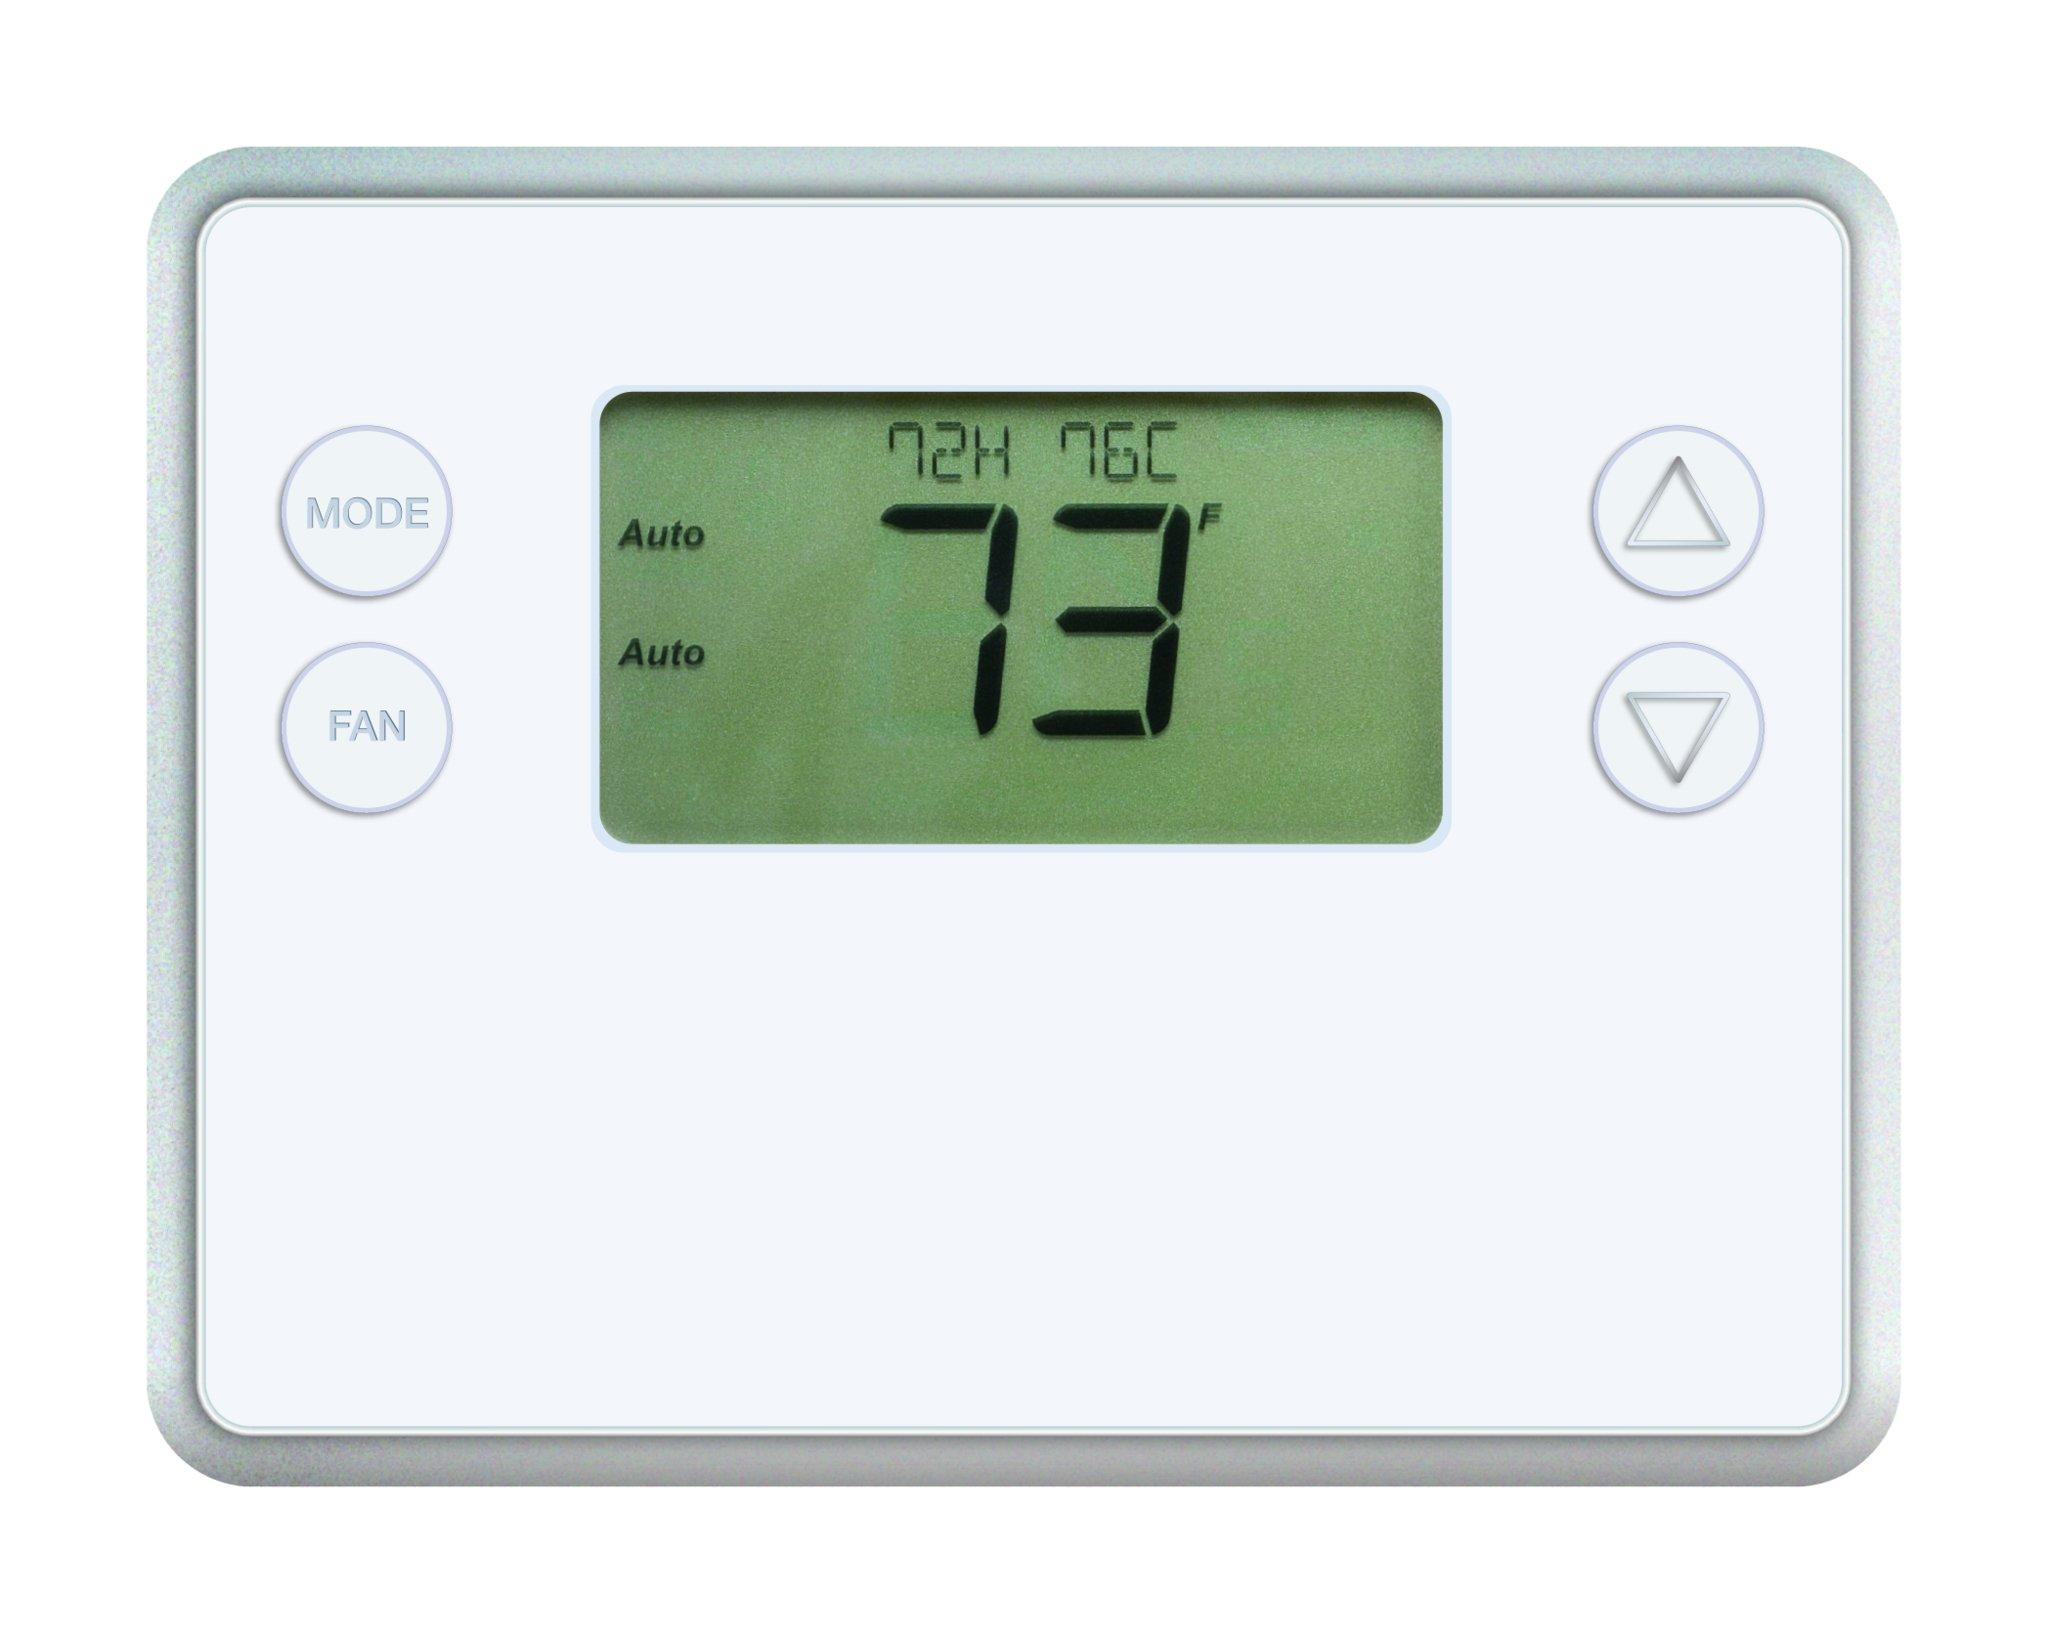 LINGCTBZ48 - GoControl GC-TBZ48 Z-Wave(R) Battery-Powered Smart Thermostat by GoControl